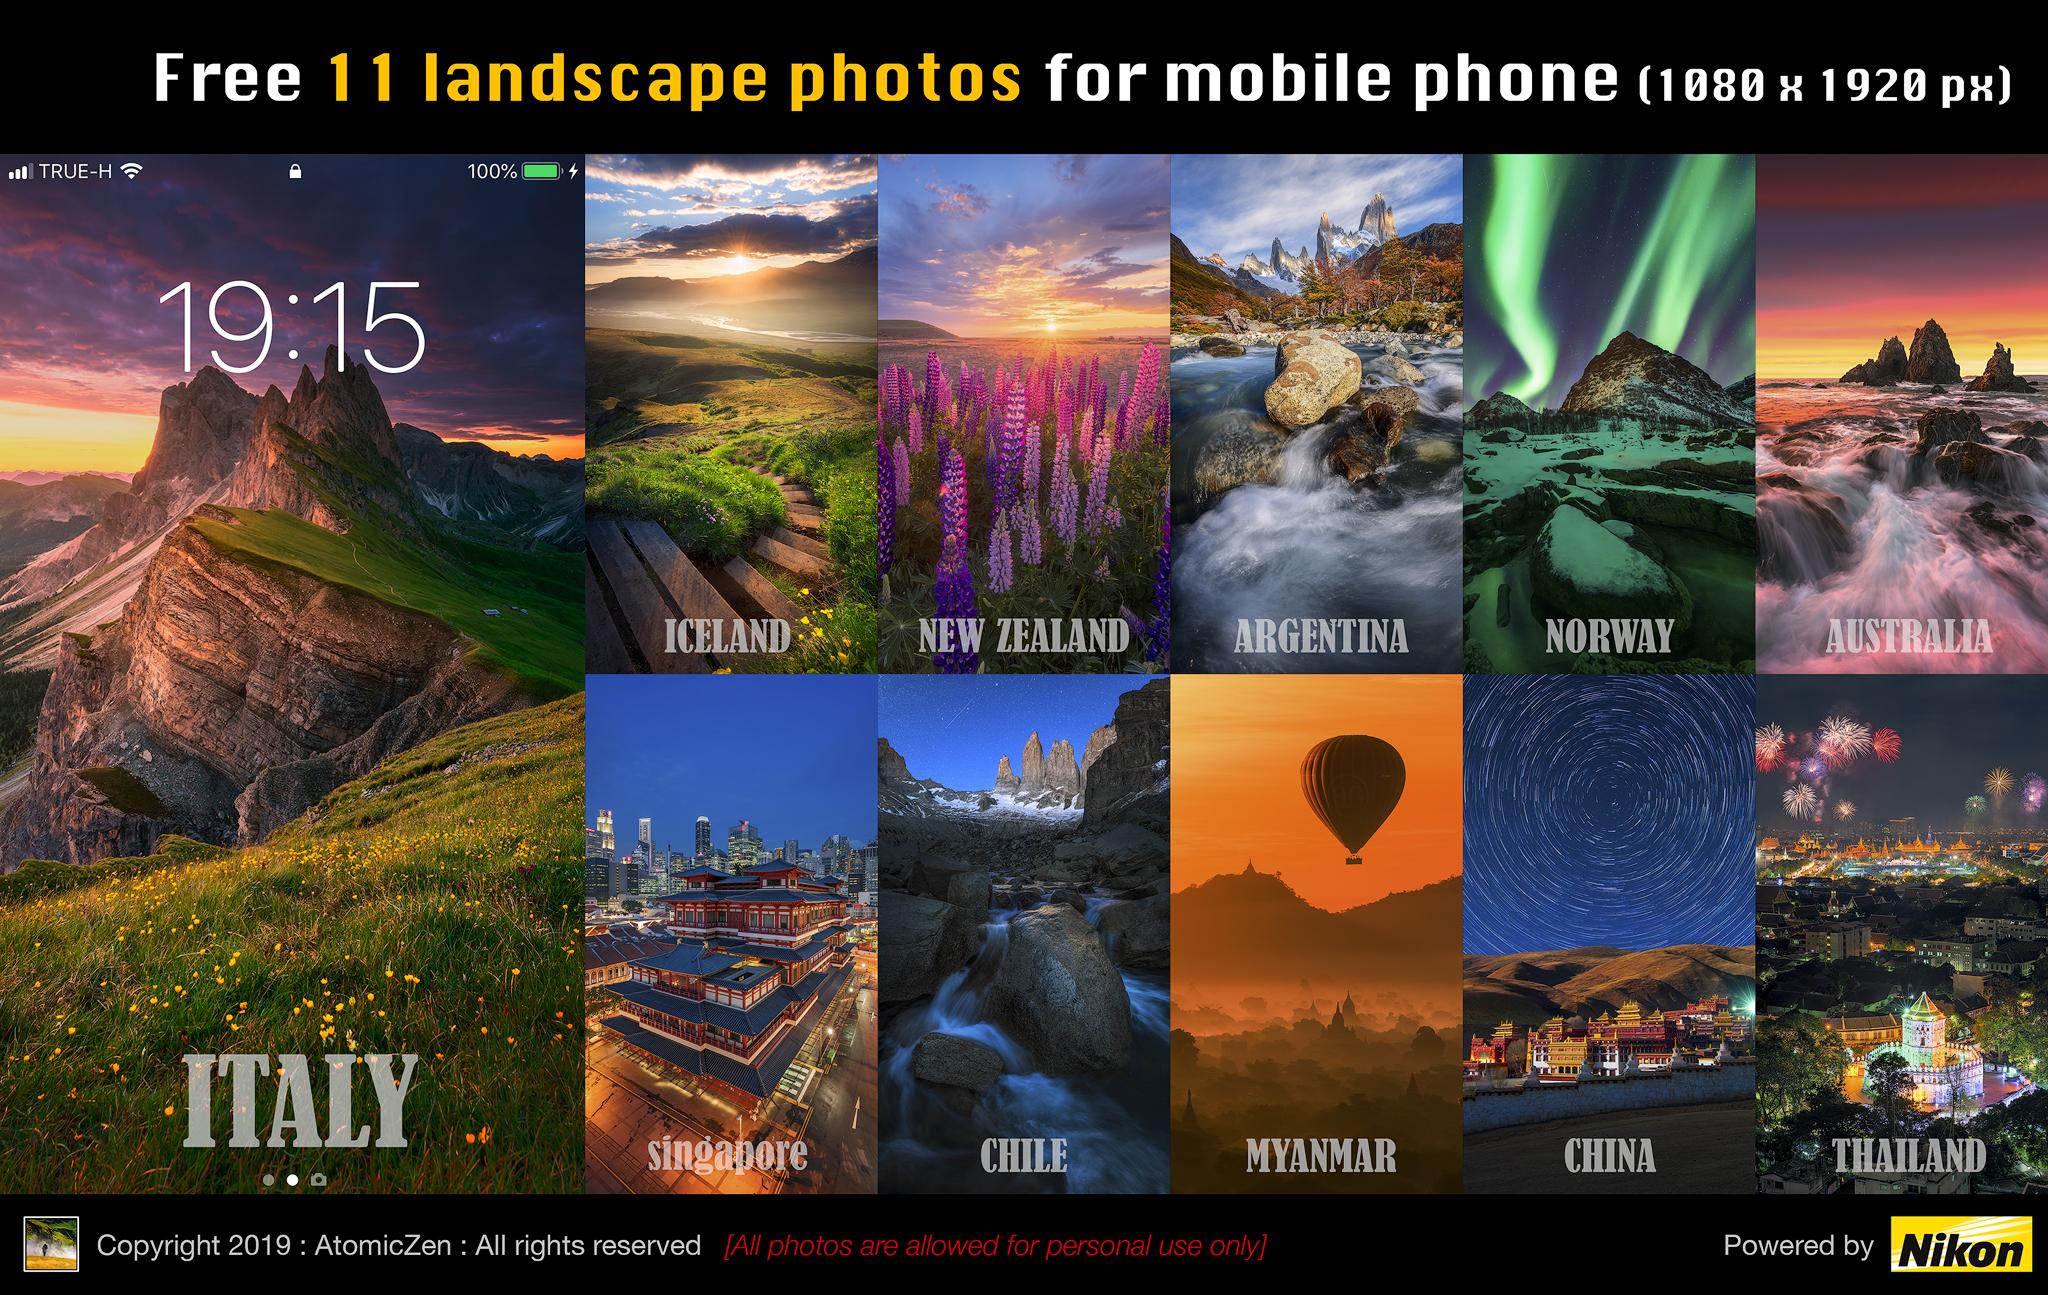 ฟรี!! แต่งหน้าจอมือถือให้สุดสวยด้วยภาพ Landscape สุดอลังการ 11 ใบ